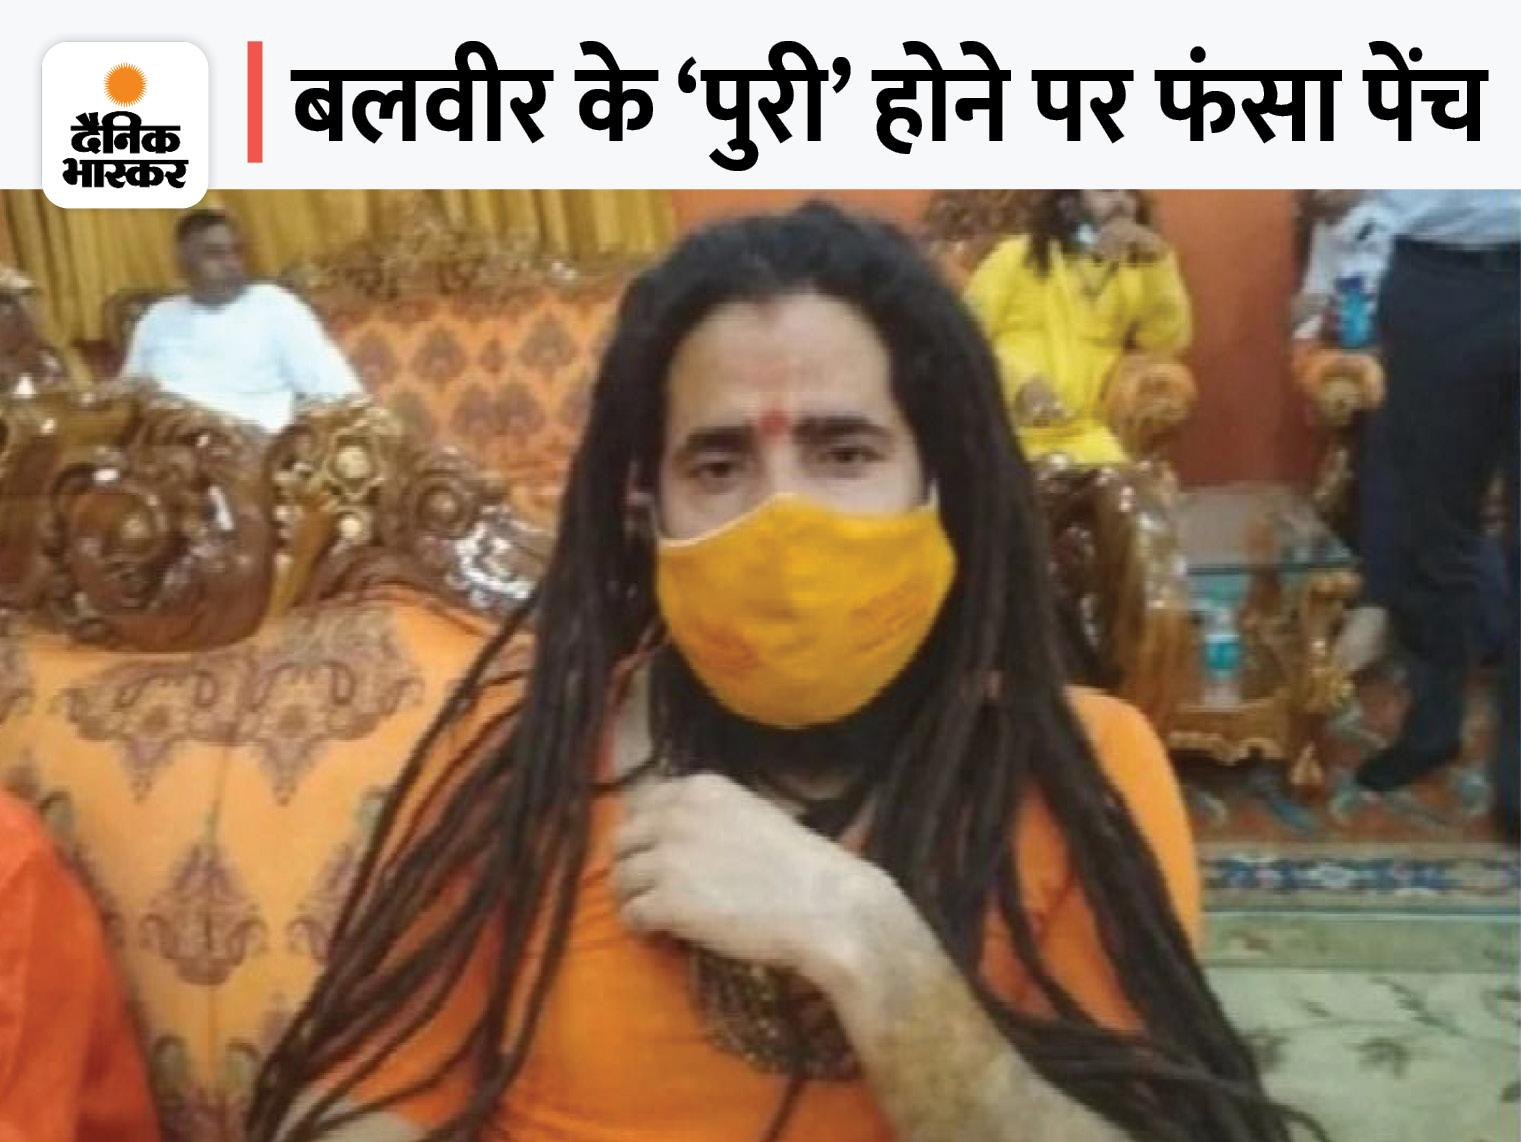 महंत को लेकर बलवीर पुरी के नाम पर सहमत नहीं कुछ संन्यासी; 2004 में नरेंद्र गिरि के साथ भी हुआ था यही विवाद|प्रयागराज (इलाहाबाद),Prayagraj (Allahabad) - Dainik Bhaskar